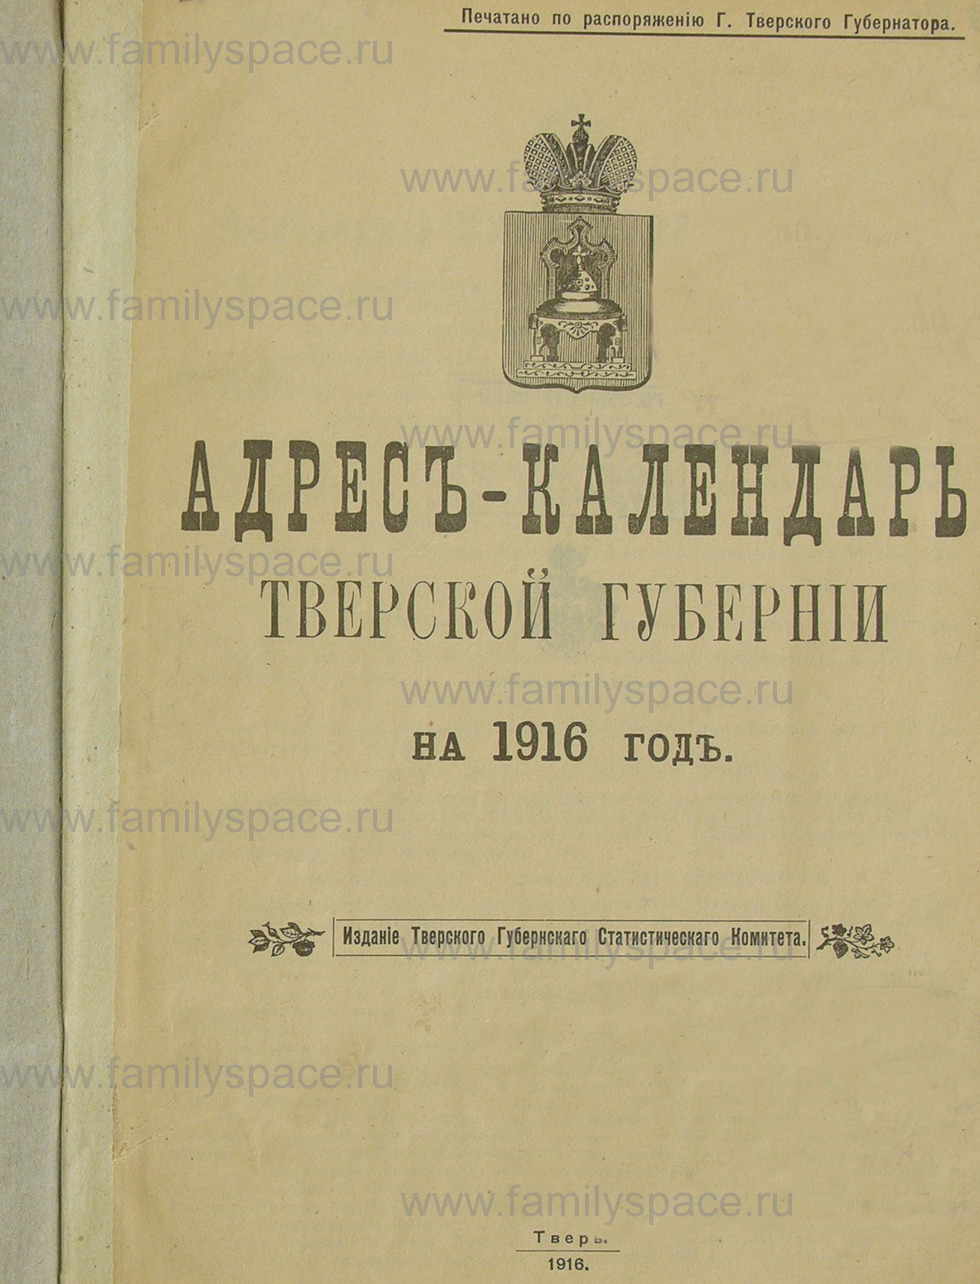 Поиск по фамилии - Адрес-календарь Тверской губернии на 1916 год, страница -1